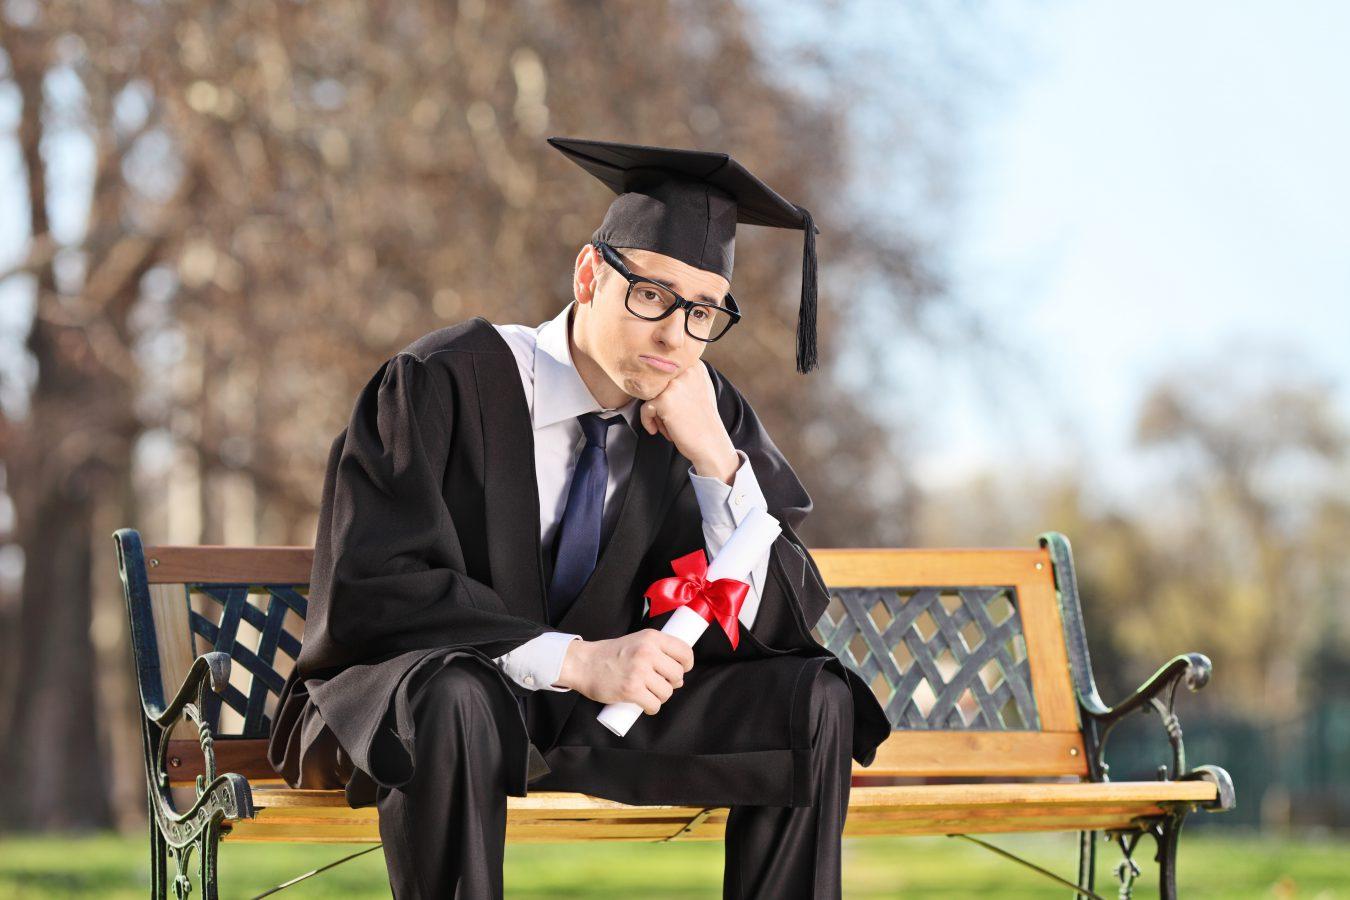 Pourquoi un nombre aussi élevé de jeunes diplômés au chômage ?